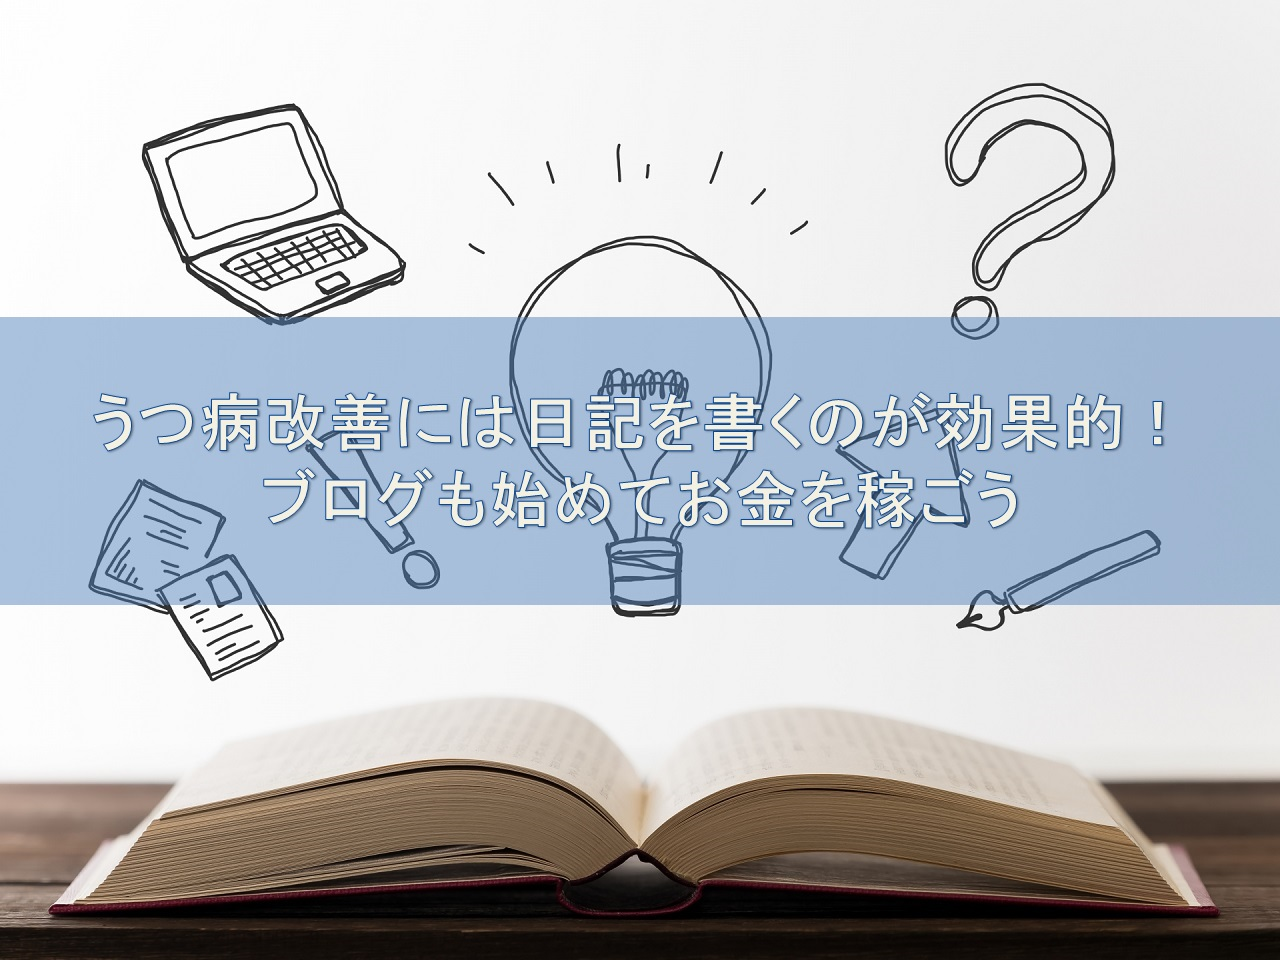 うつ病治療に日記を書くのが効果的!ブログも始めて生活費も稼ごう